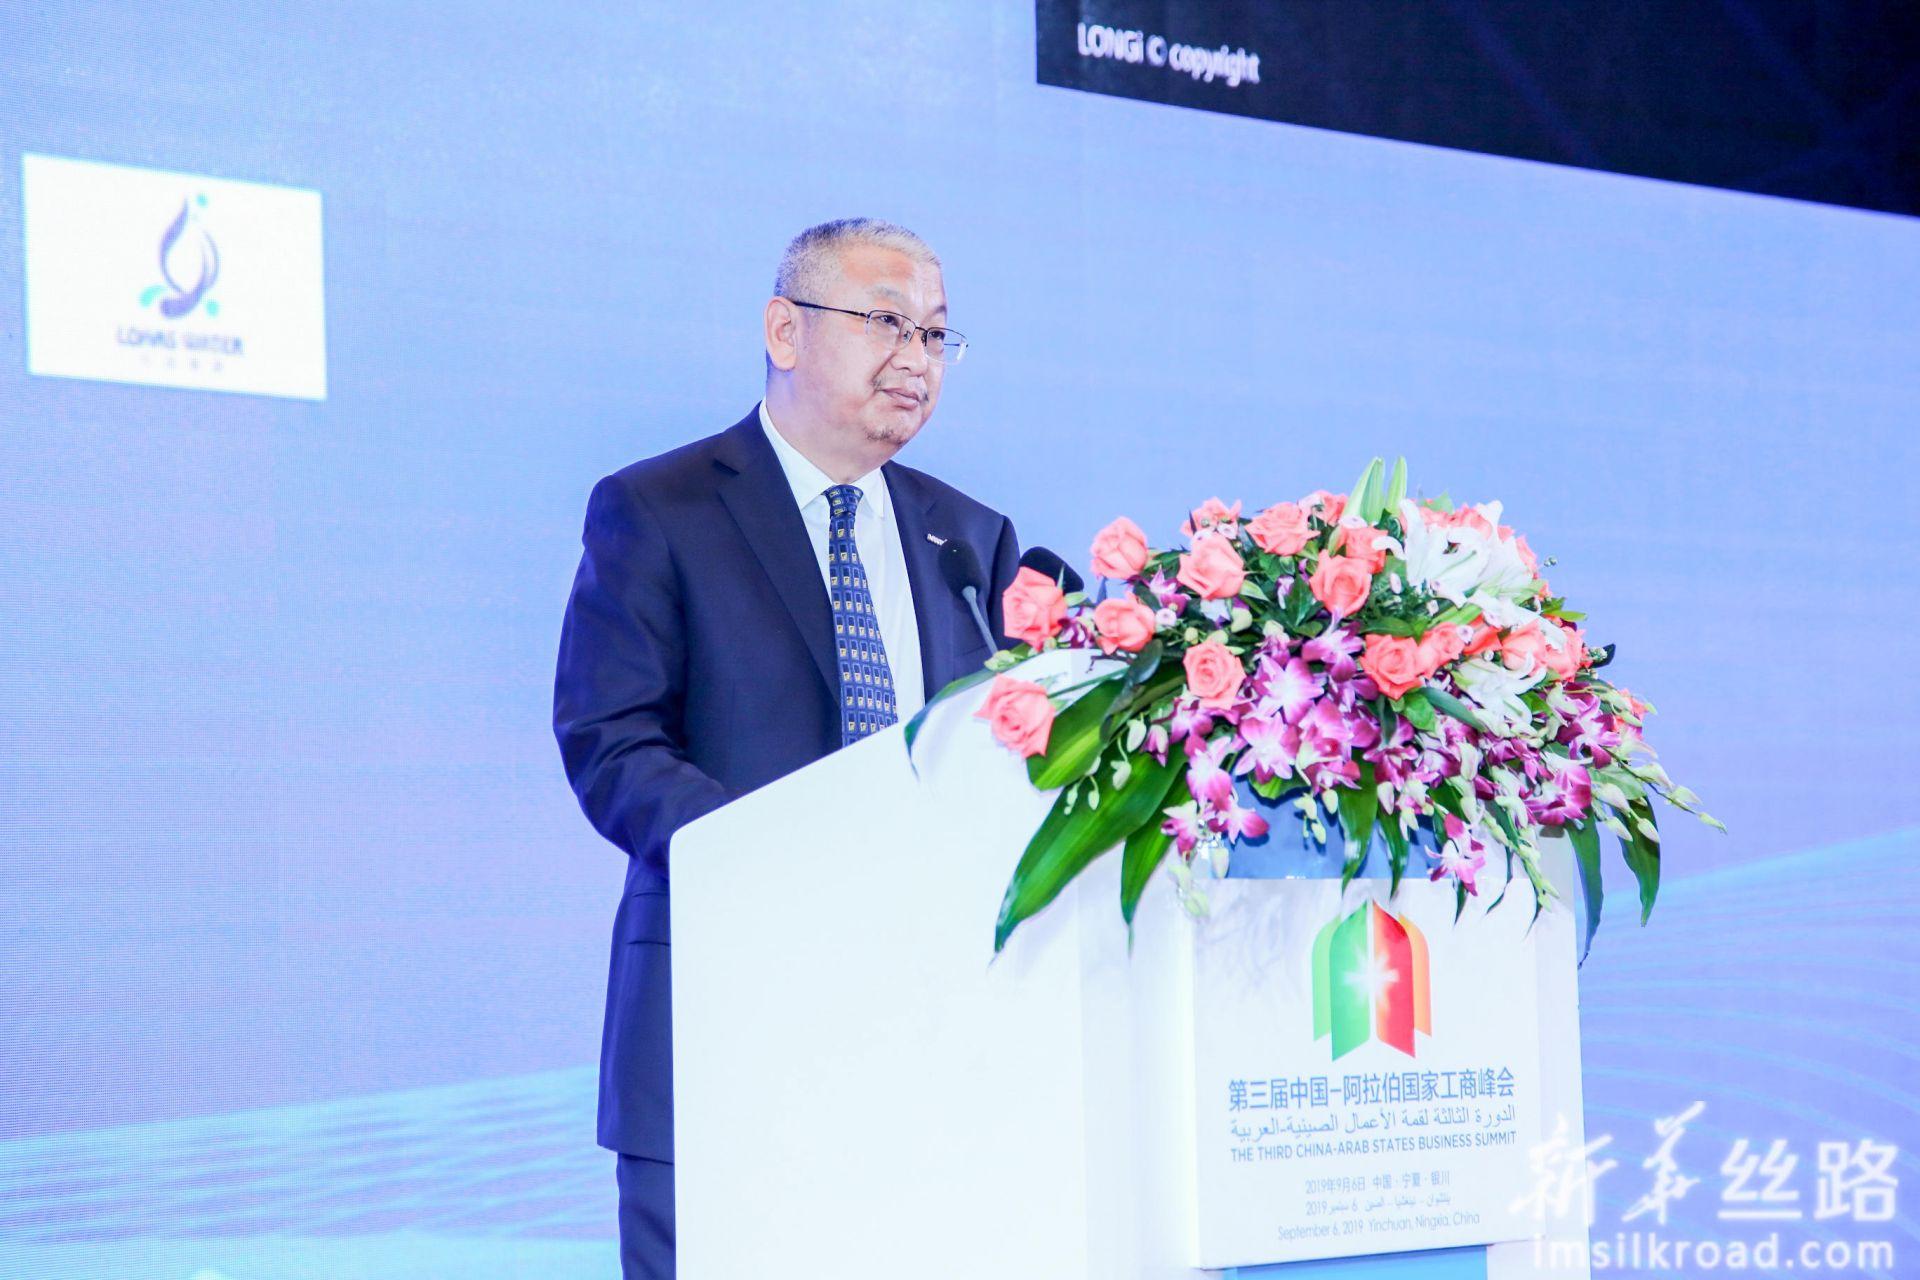 新华社民族品牌、中阿工商峰会友情支持隆基股份总裁李振国发言